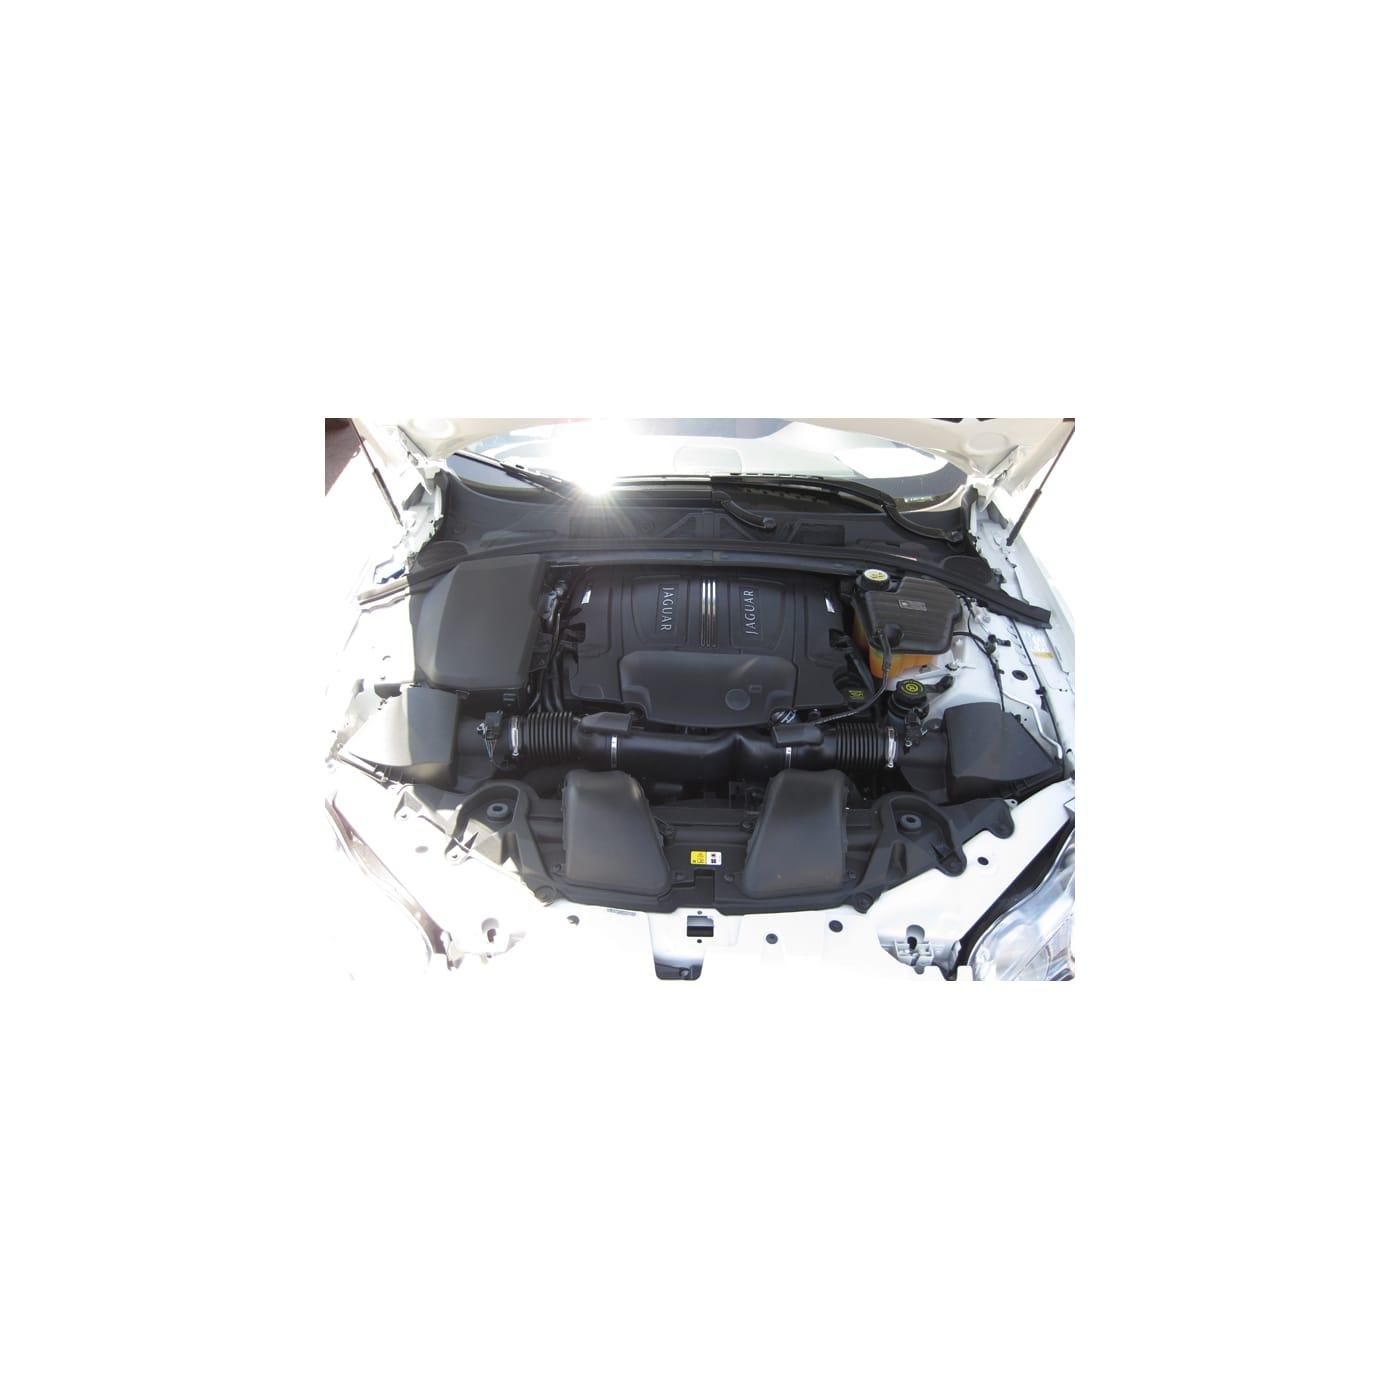 Filtro De Ar K&n 33-2273 Jaguar Xf, Xfr, Xj, S-type